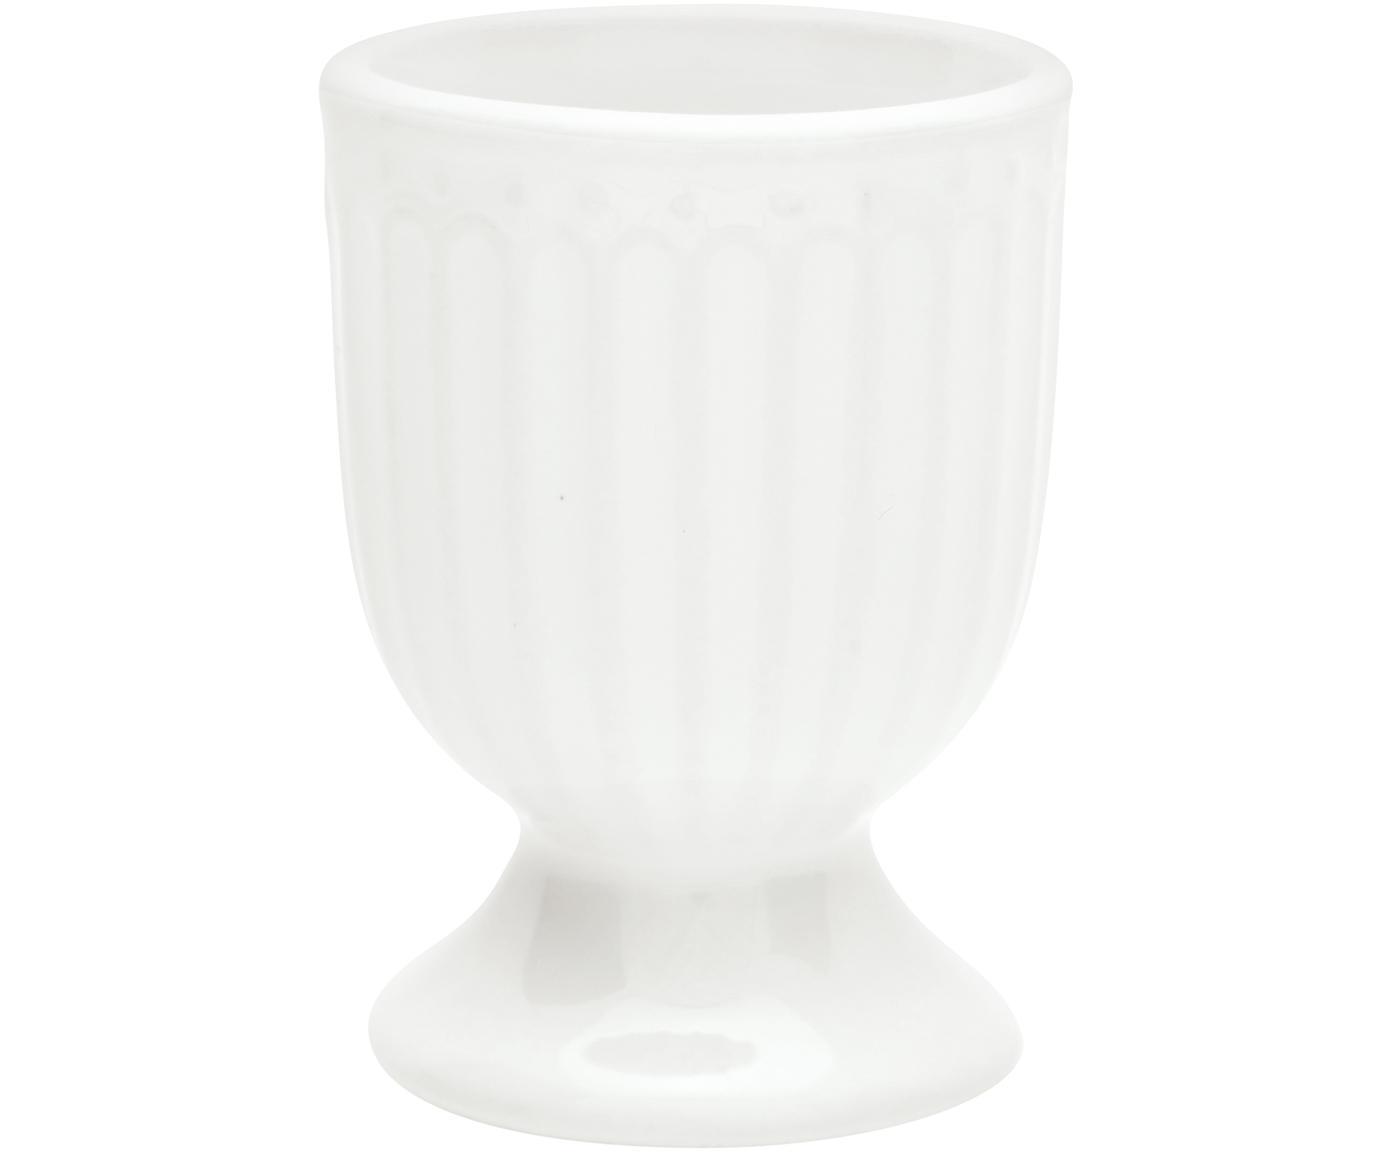 Kieliszek do jajek Alice, 2 szt., Porcelana, Biały, Ø 5 x W 7 cm